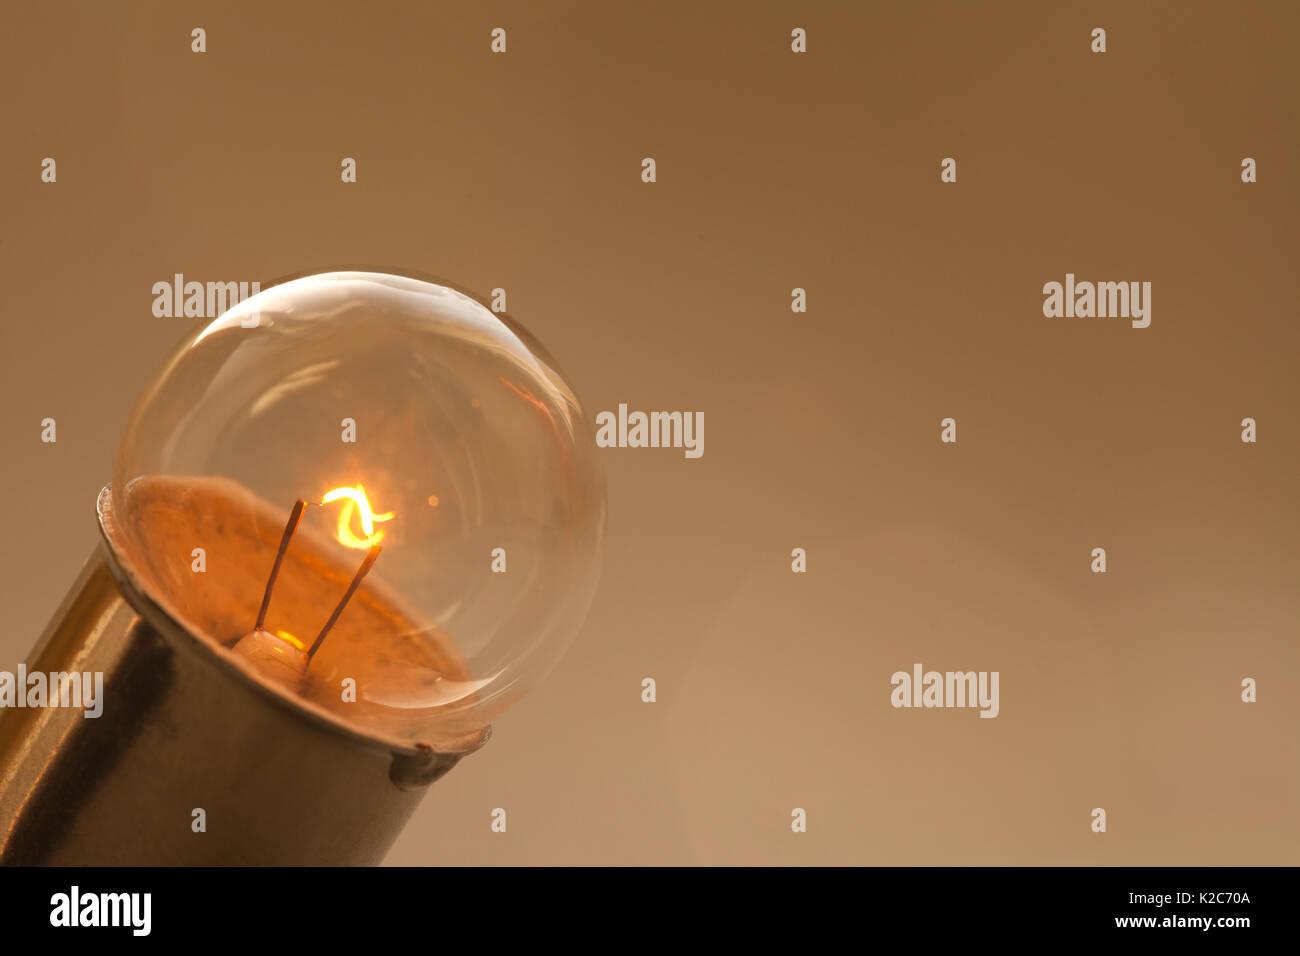 Ampoule Lumière brillante d'or sur fond brun. Style rétro avec lampe à incandescence idéal surface sphérique et l'élément. Macro-vision, copy space Photo Stock